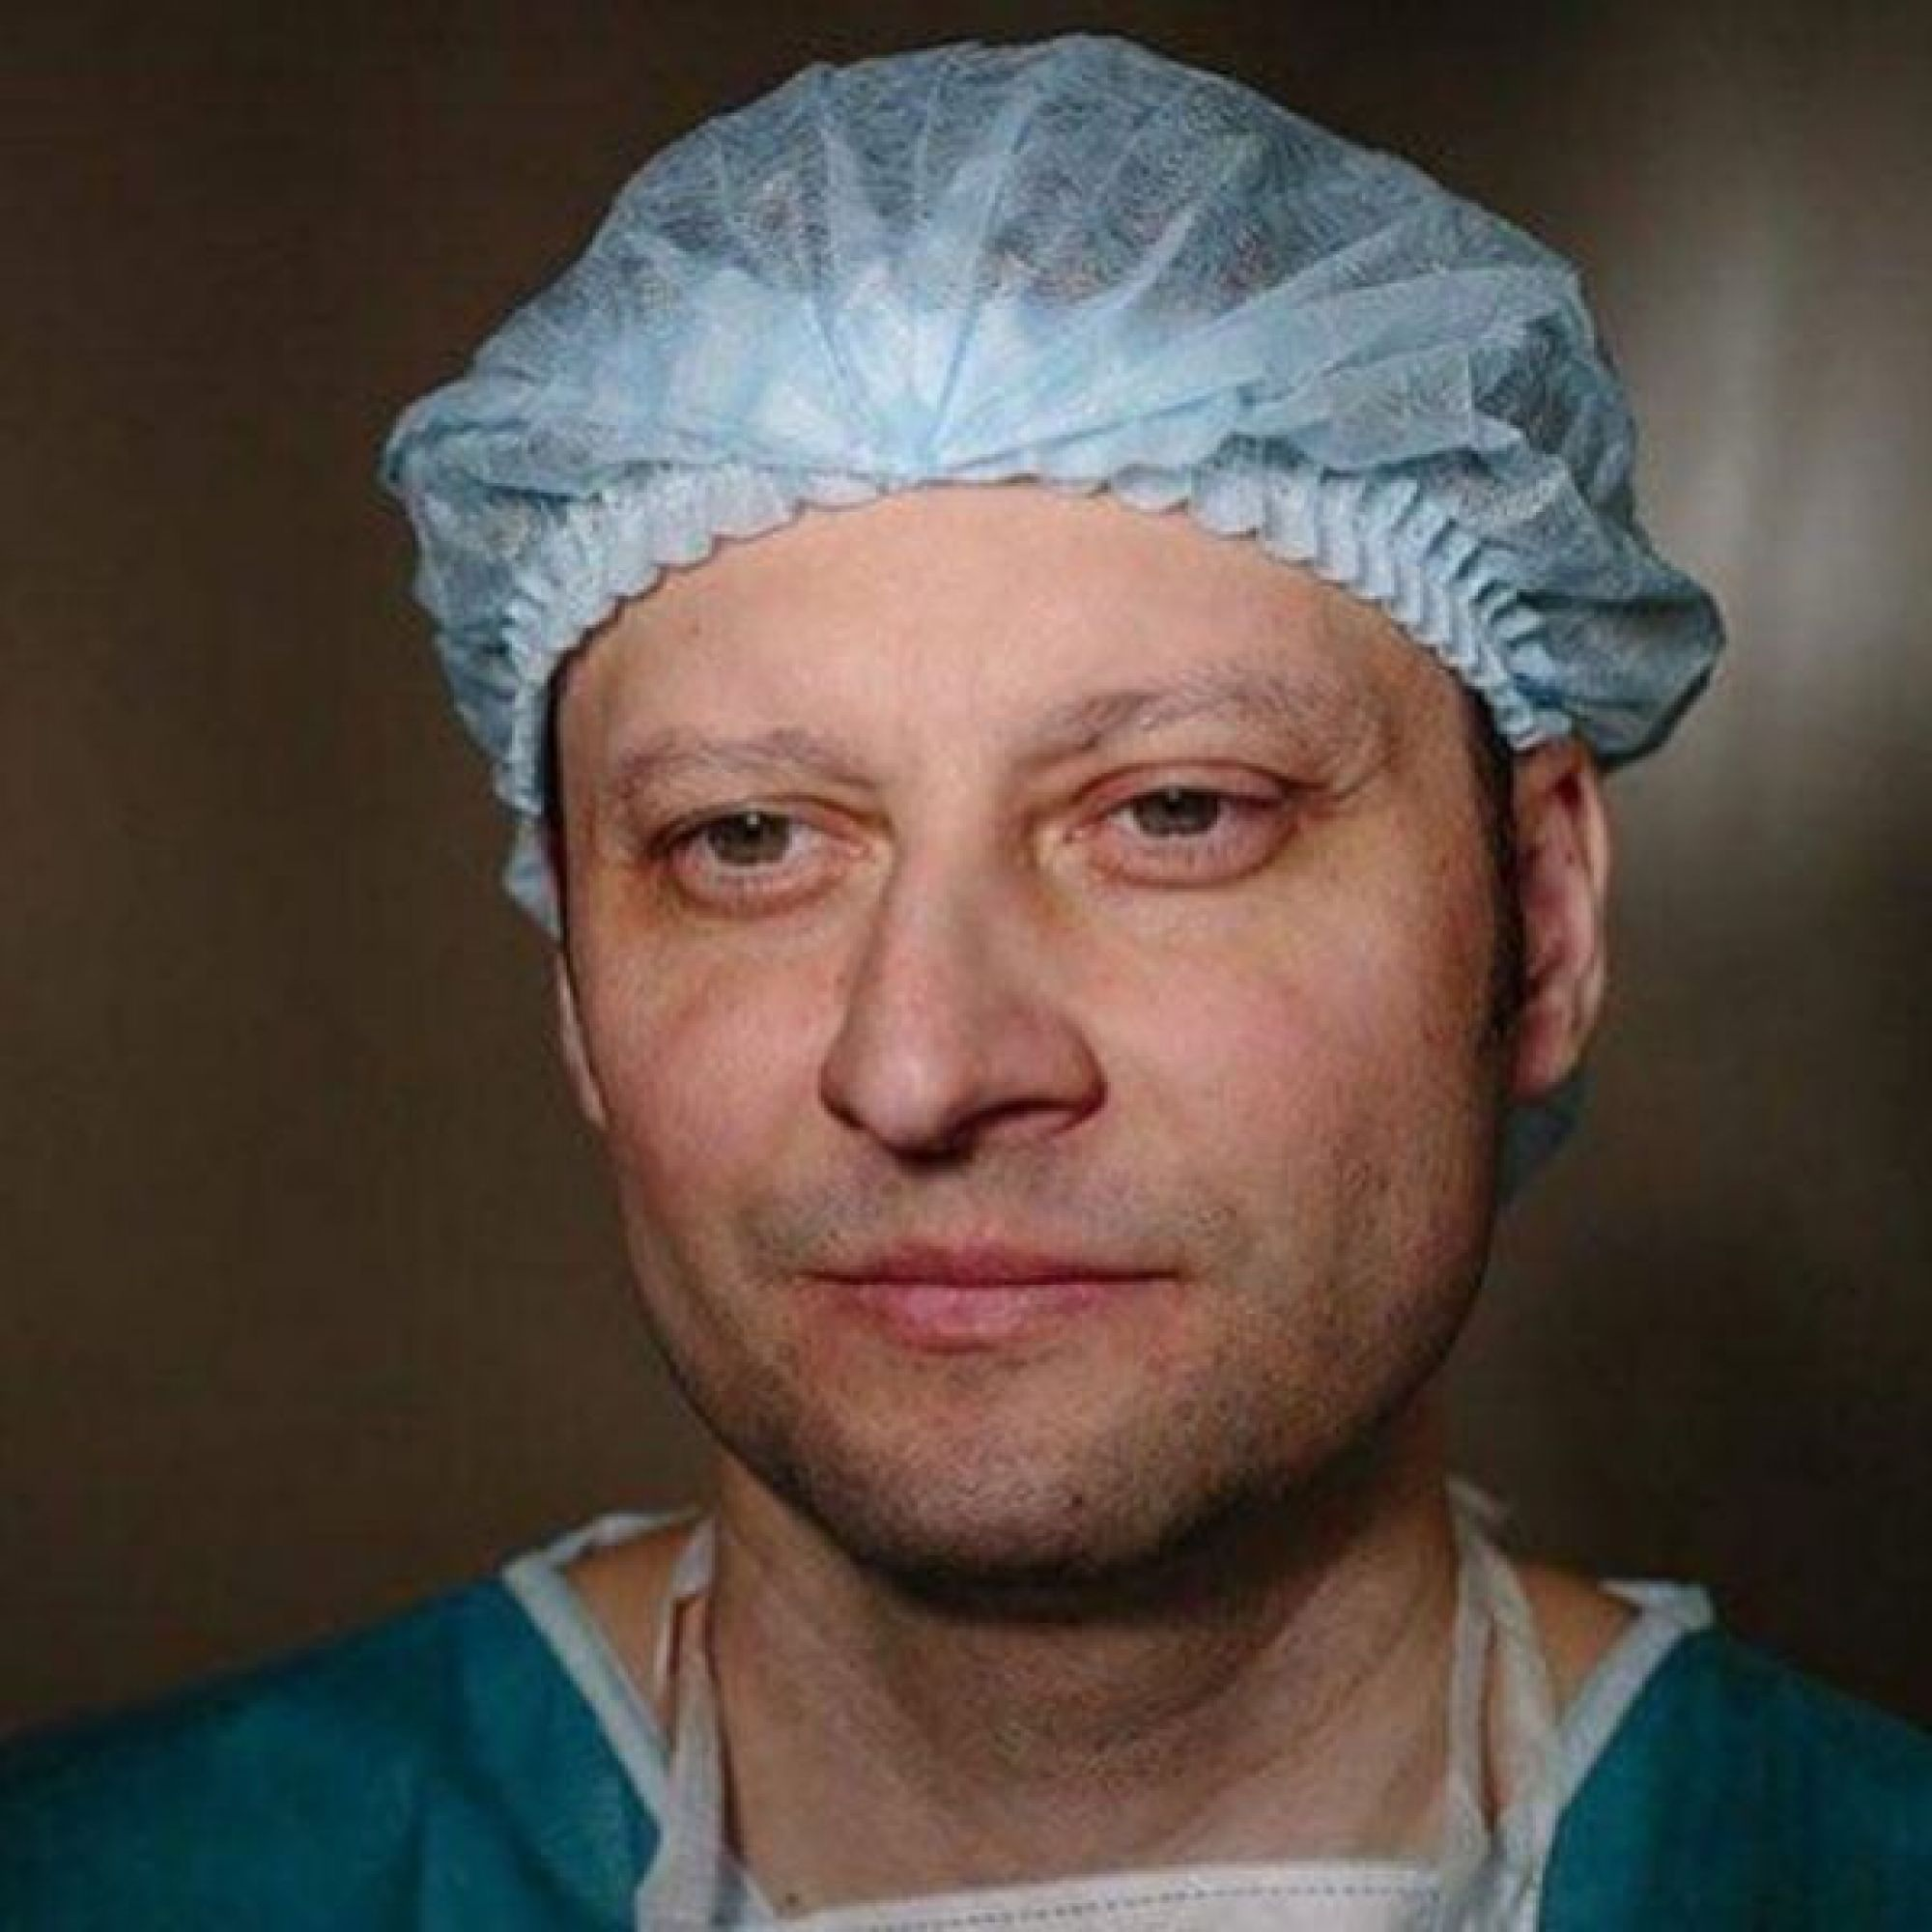 Умер врач-онколог Андрей Павленко, не сумев победить страшную болезнь